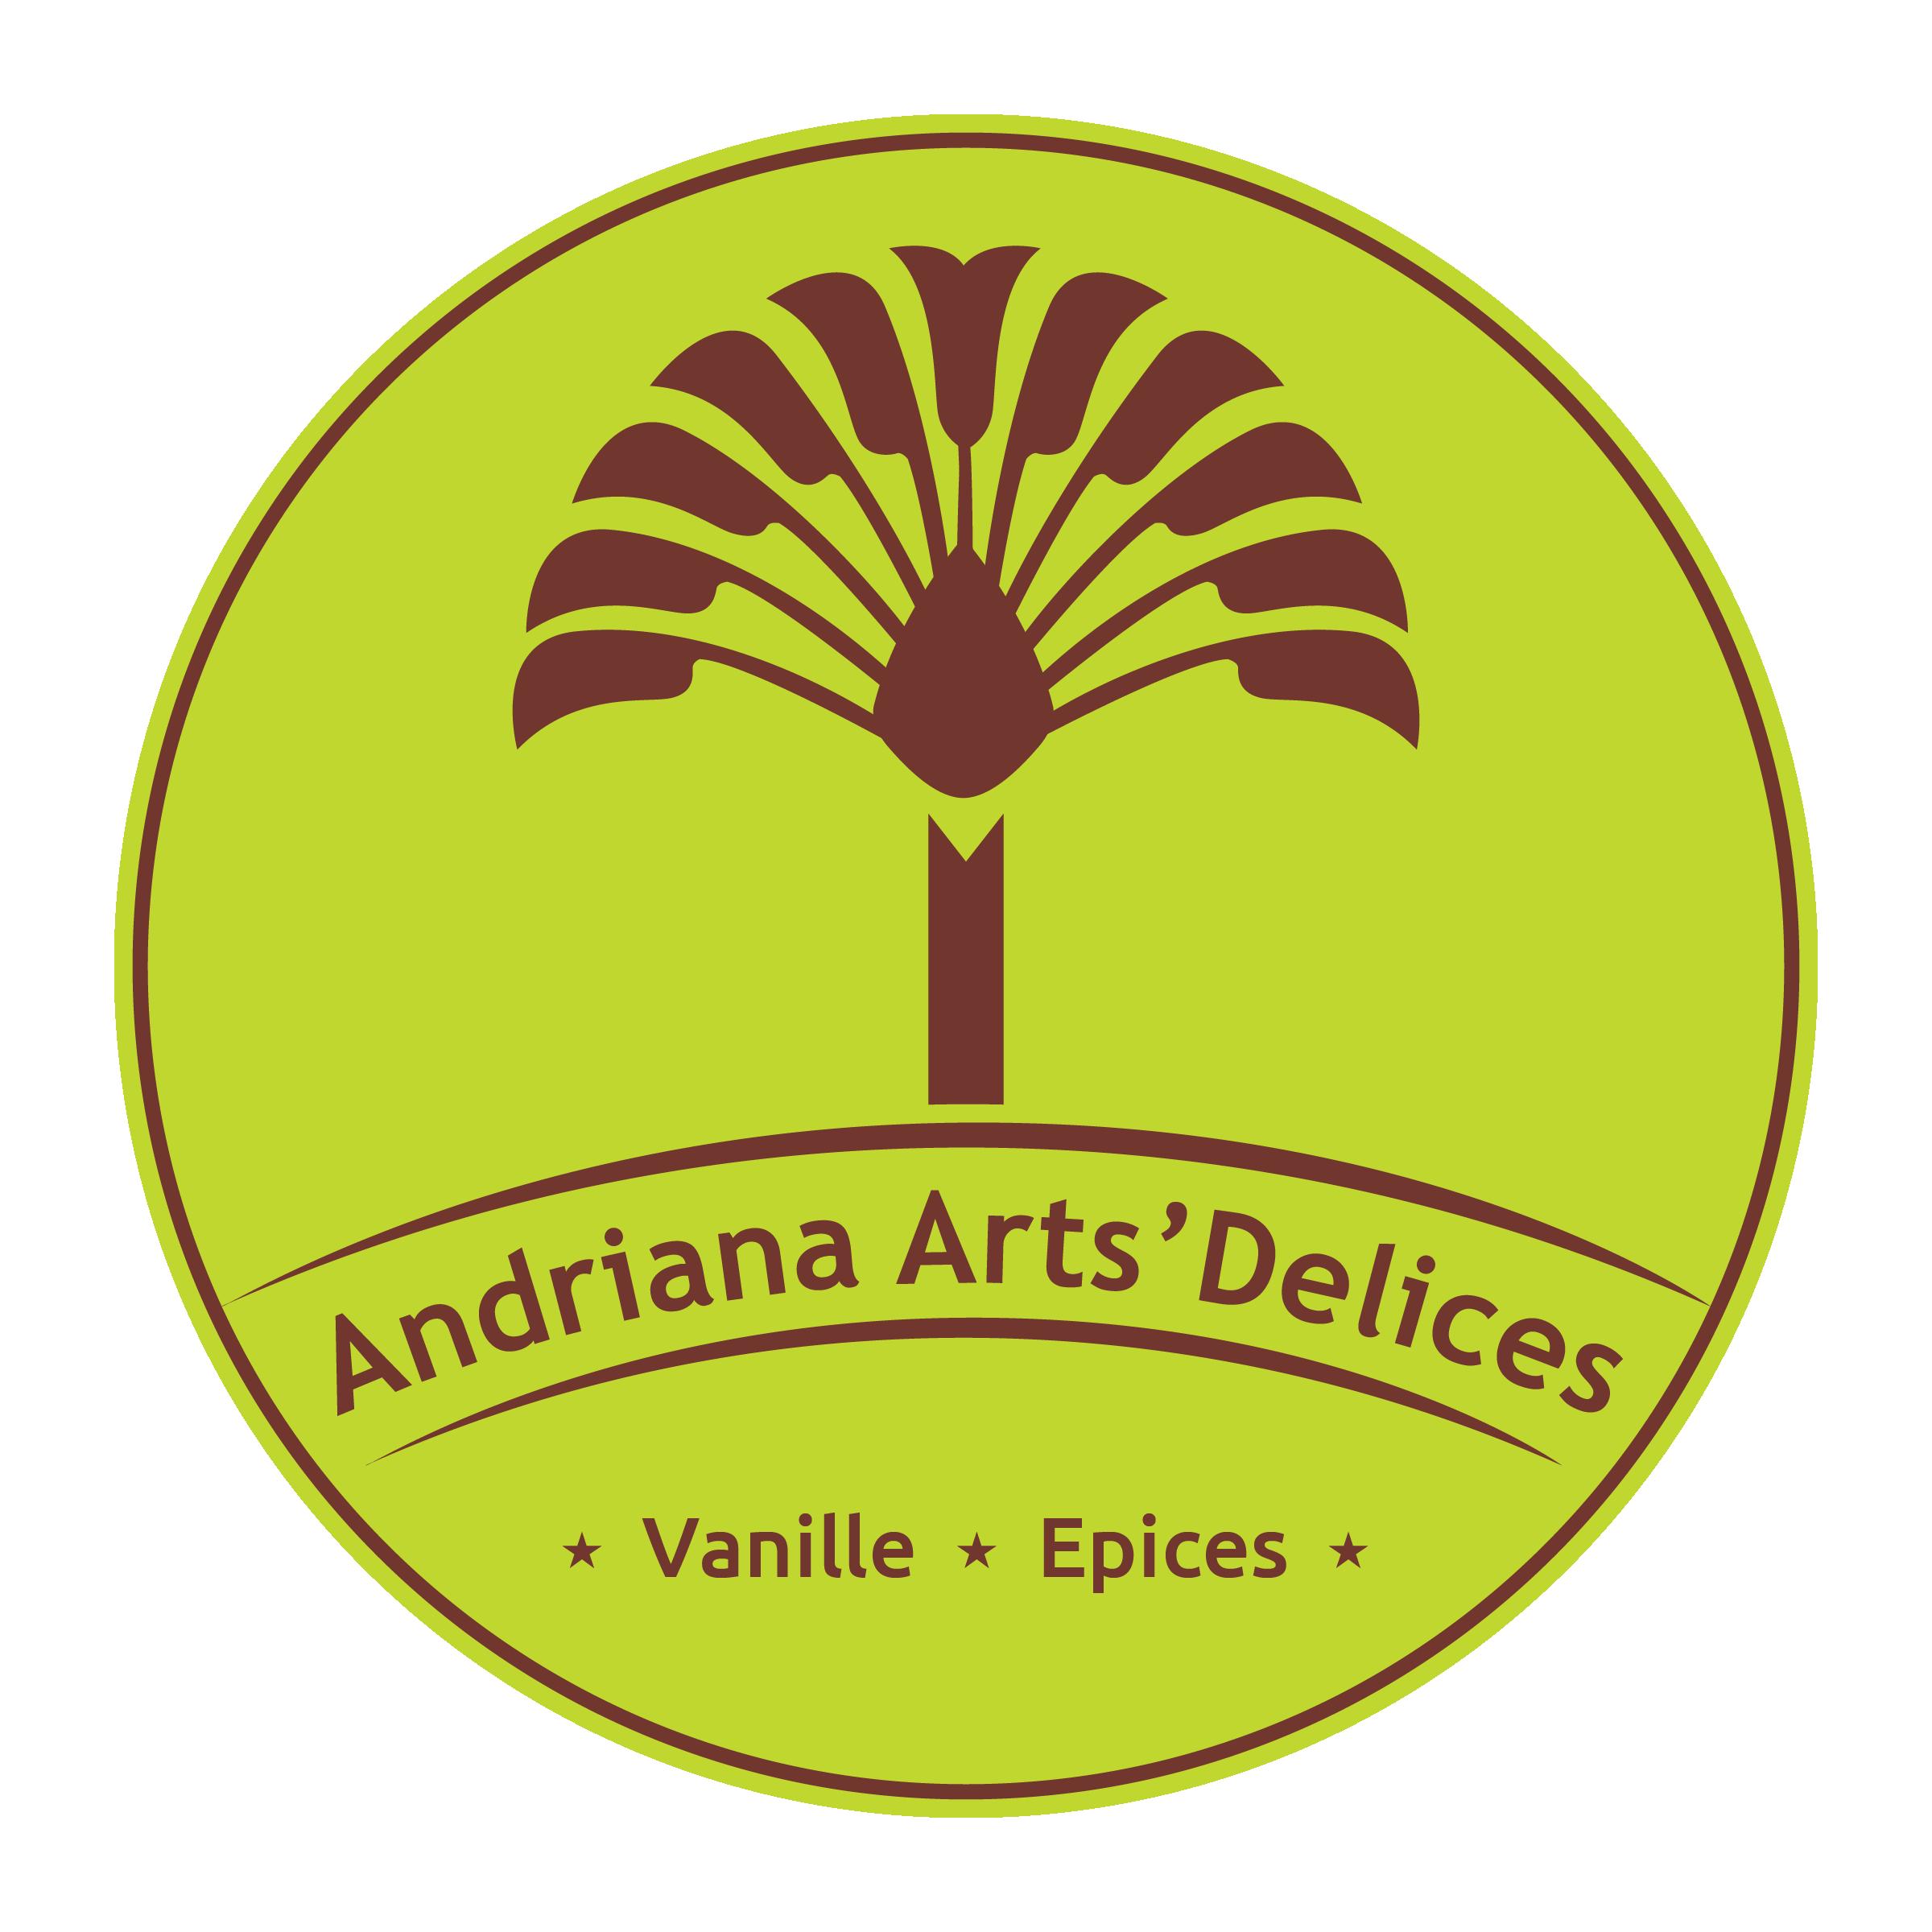 RAMILIARISON Andriana